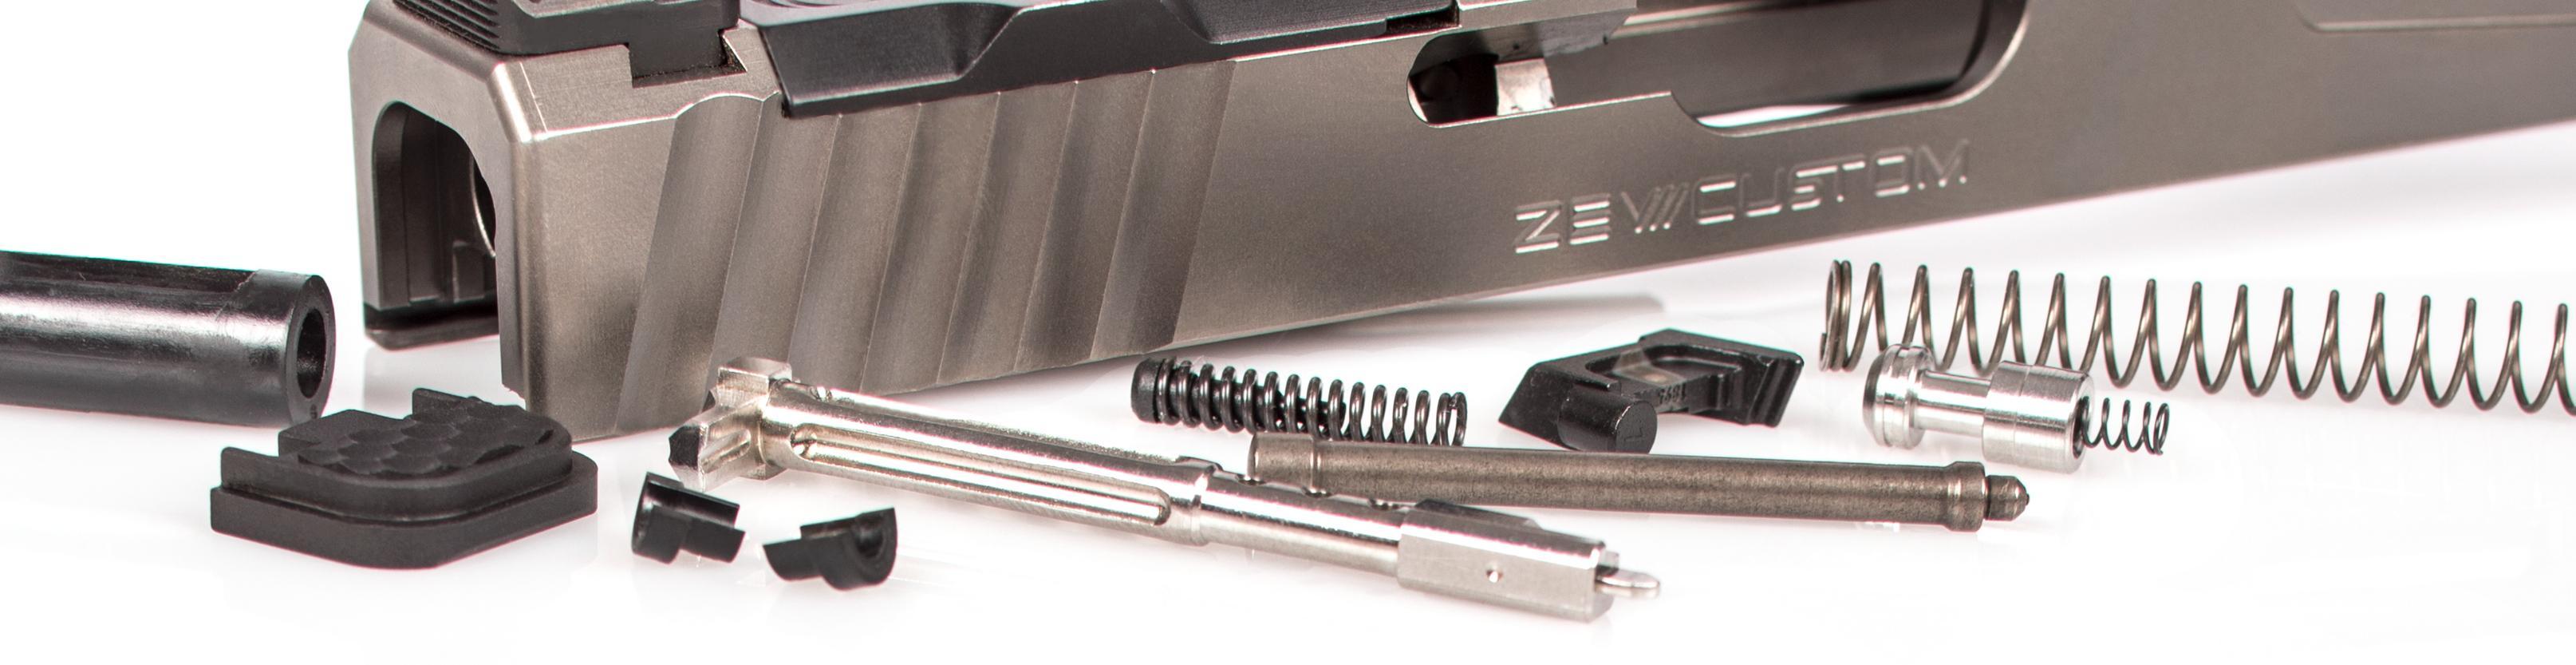 slide parts